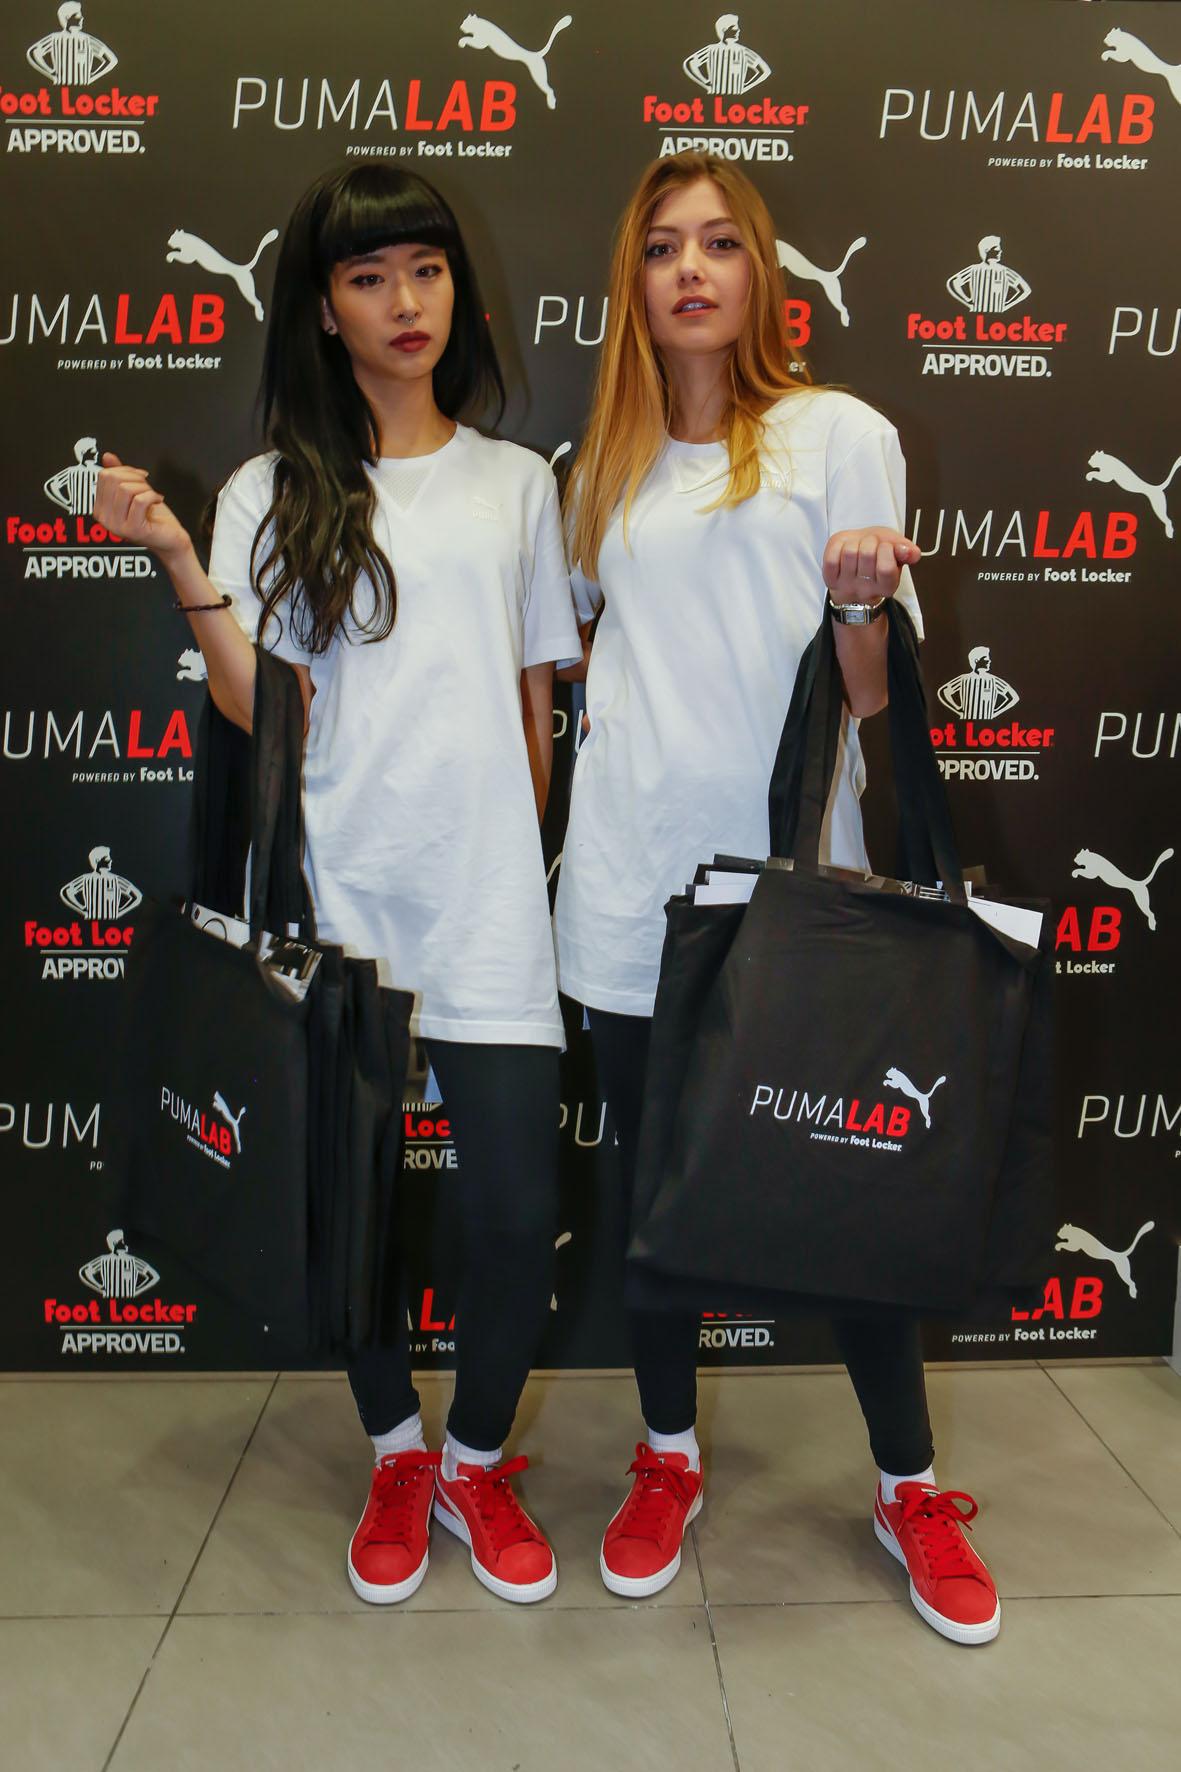 Puma Primo Il Lab A Times In EuropaFashion Apre Milano wPuXOkTZi